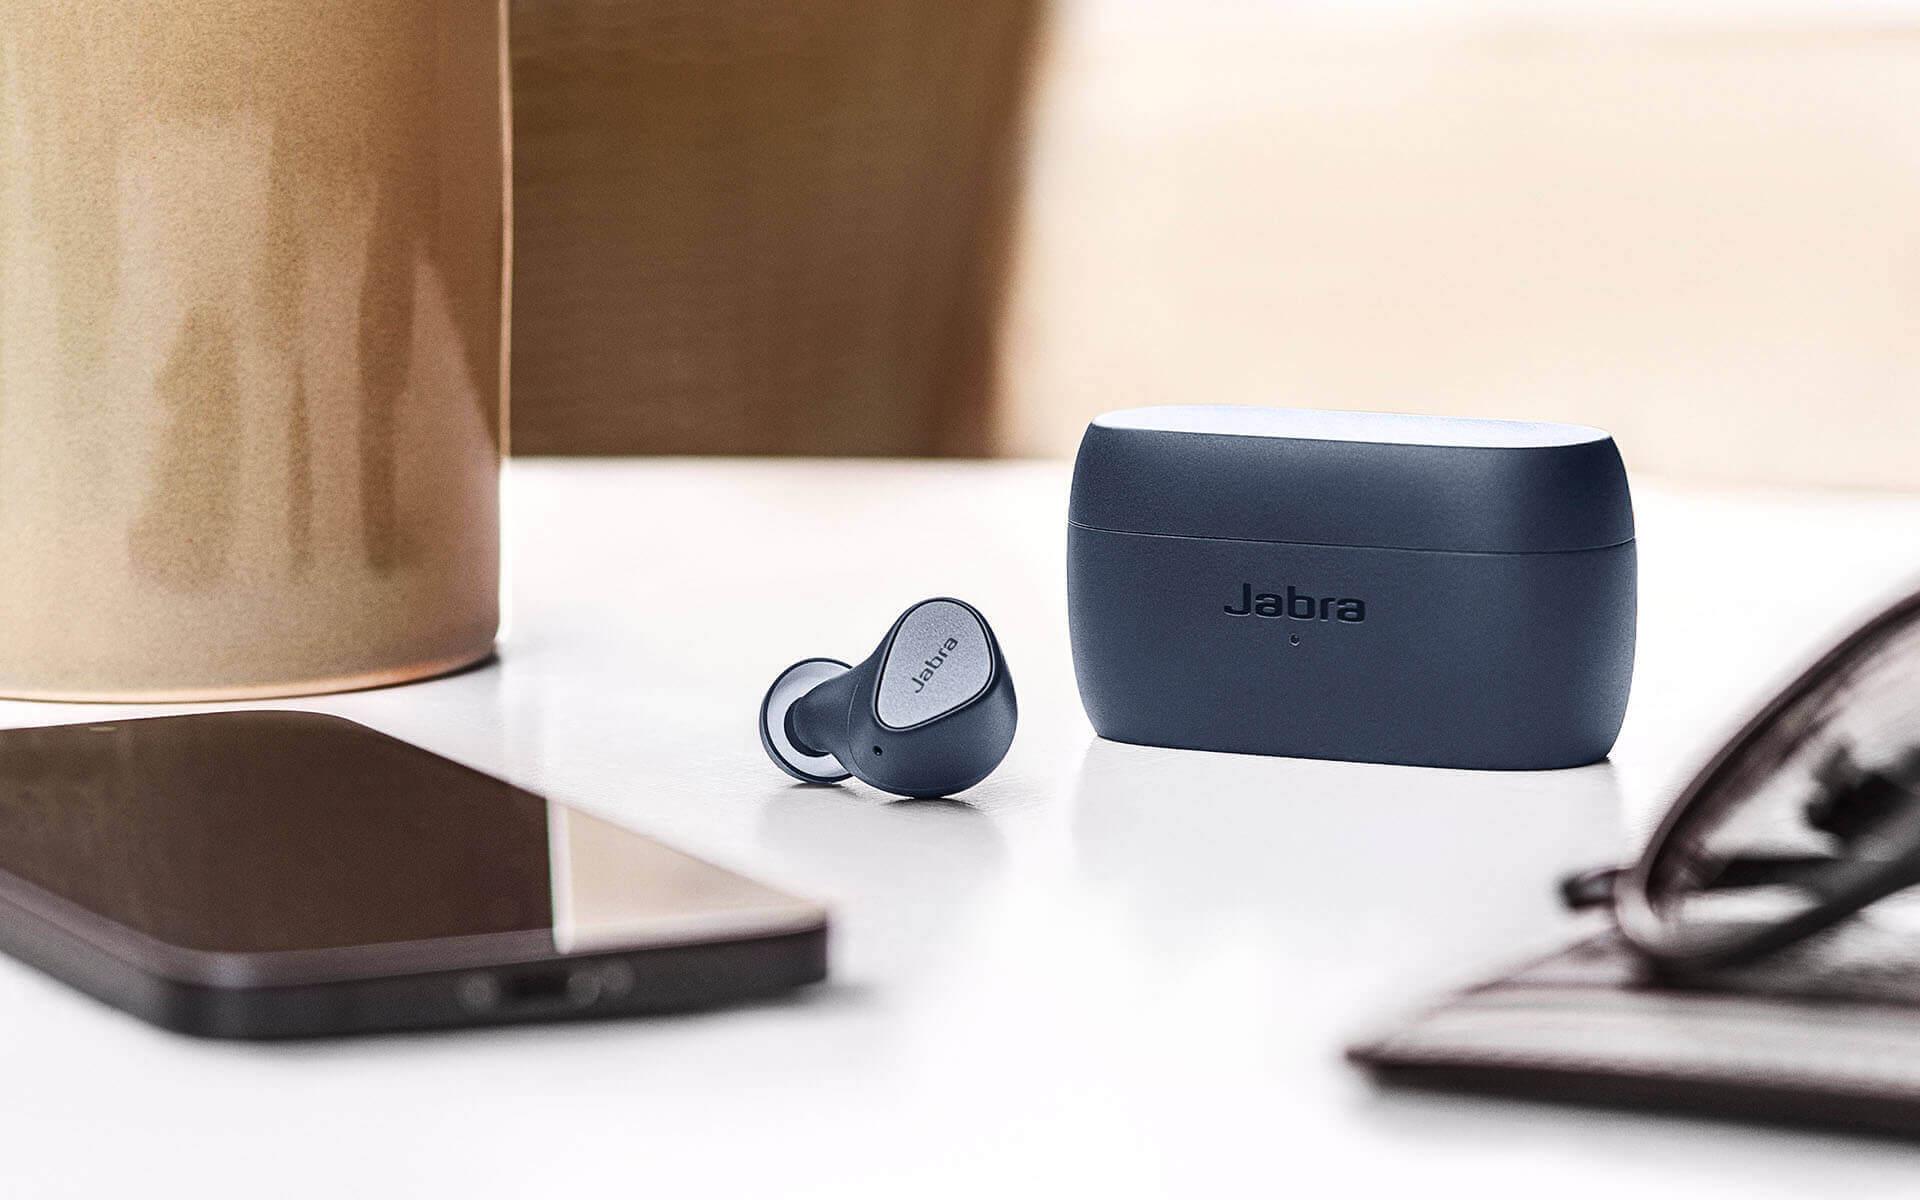 Jabra Elite 3 A Jabra négy új termék bevezetését jelentette be az új Elite valódi vezeték nélküli termékcsalád frissítésével.